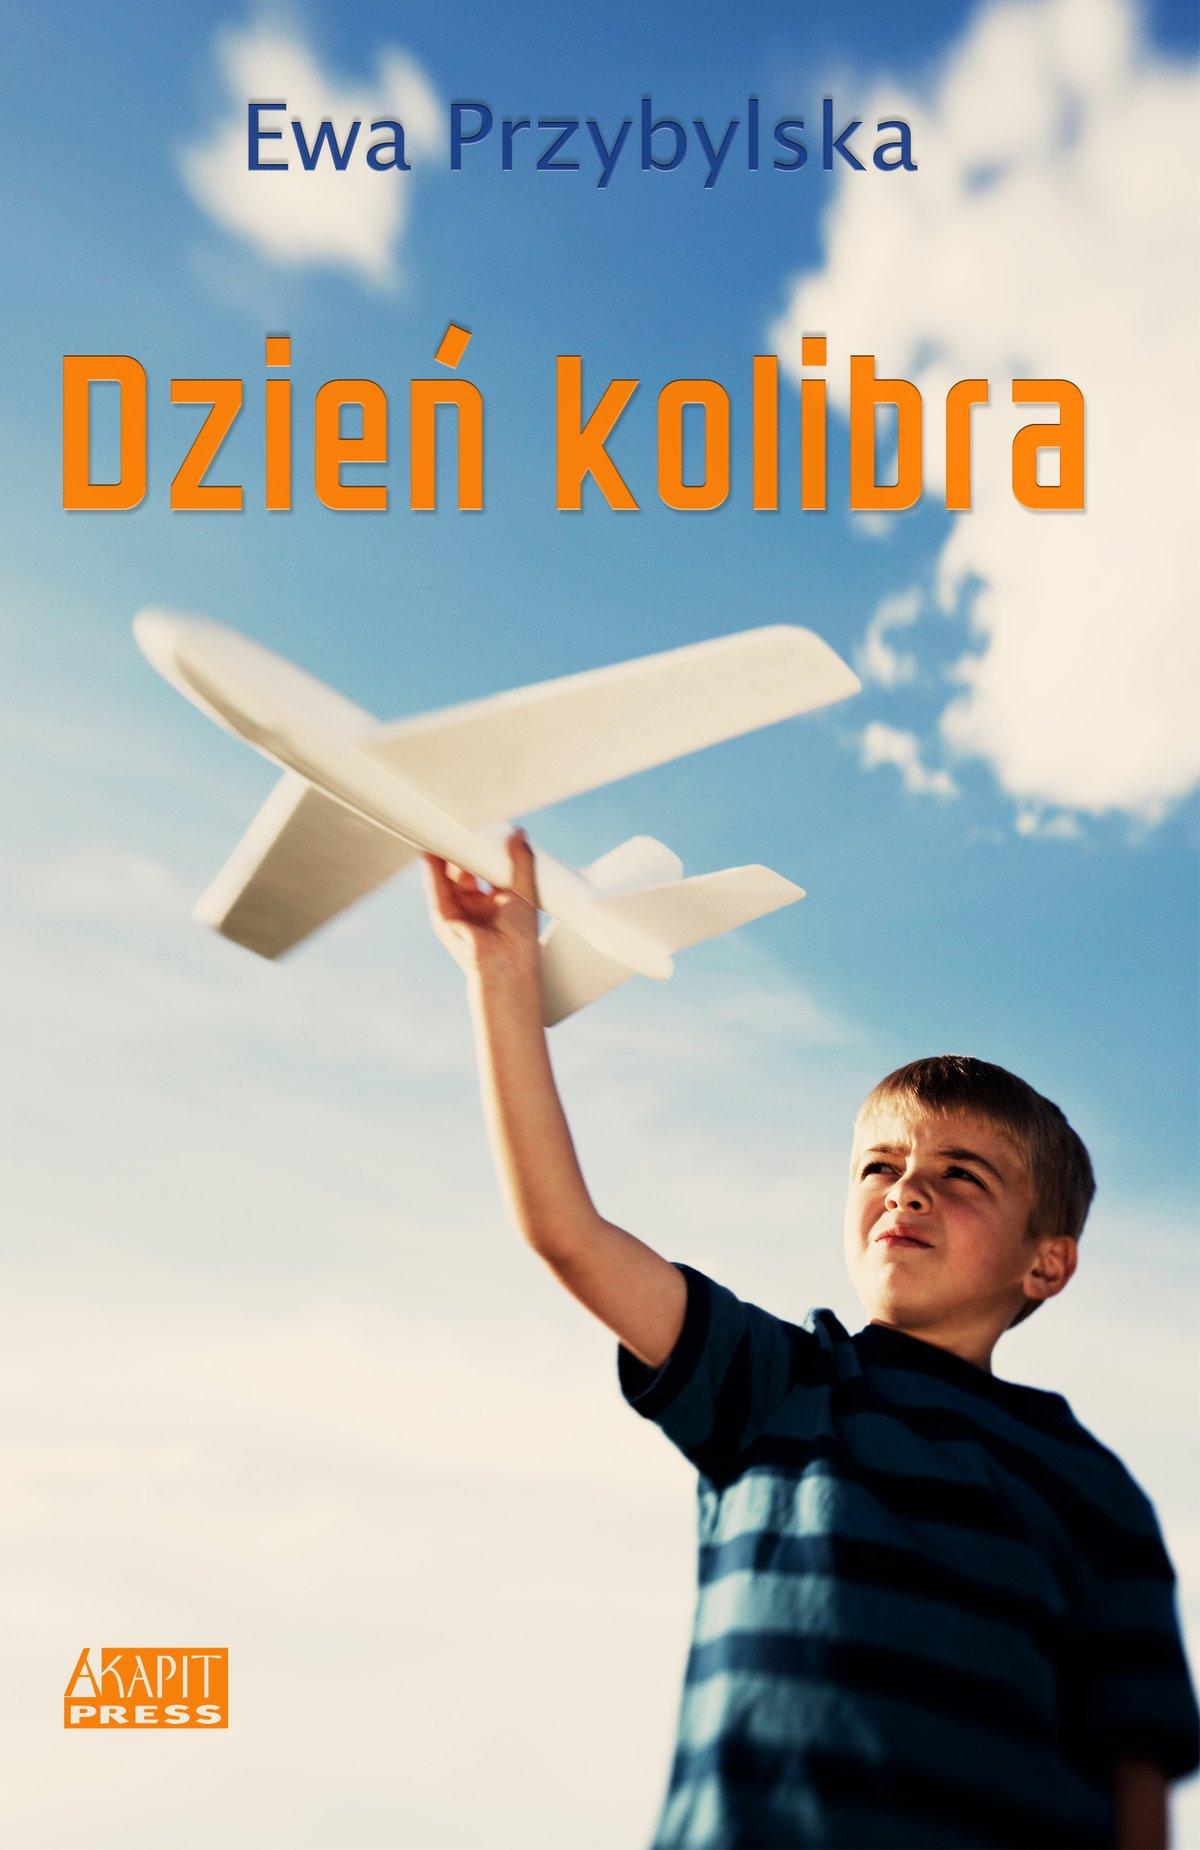 Dzień kolibra - Ebook (Książka EPUB) do pobrania w formacie EPUB